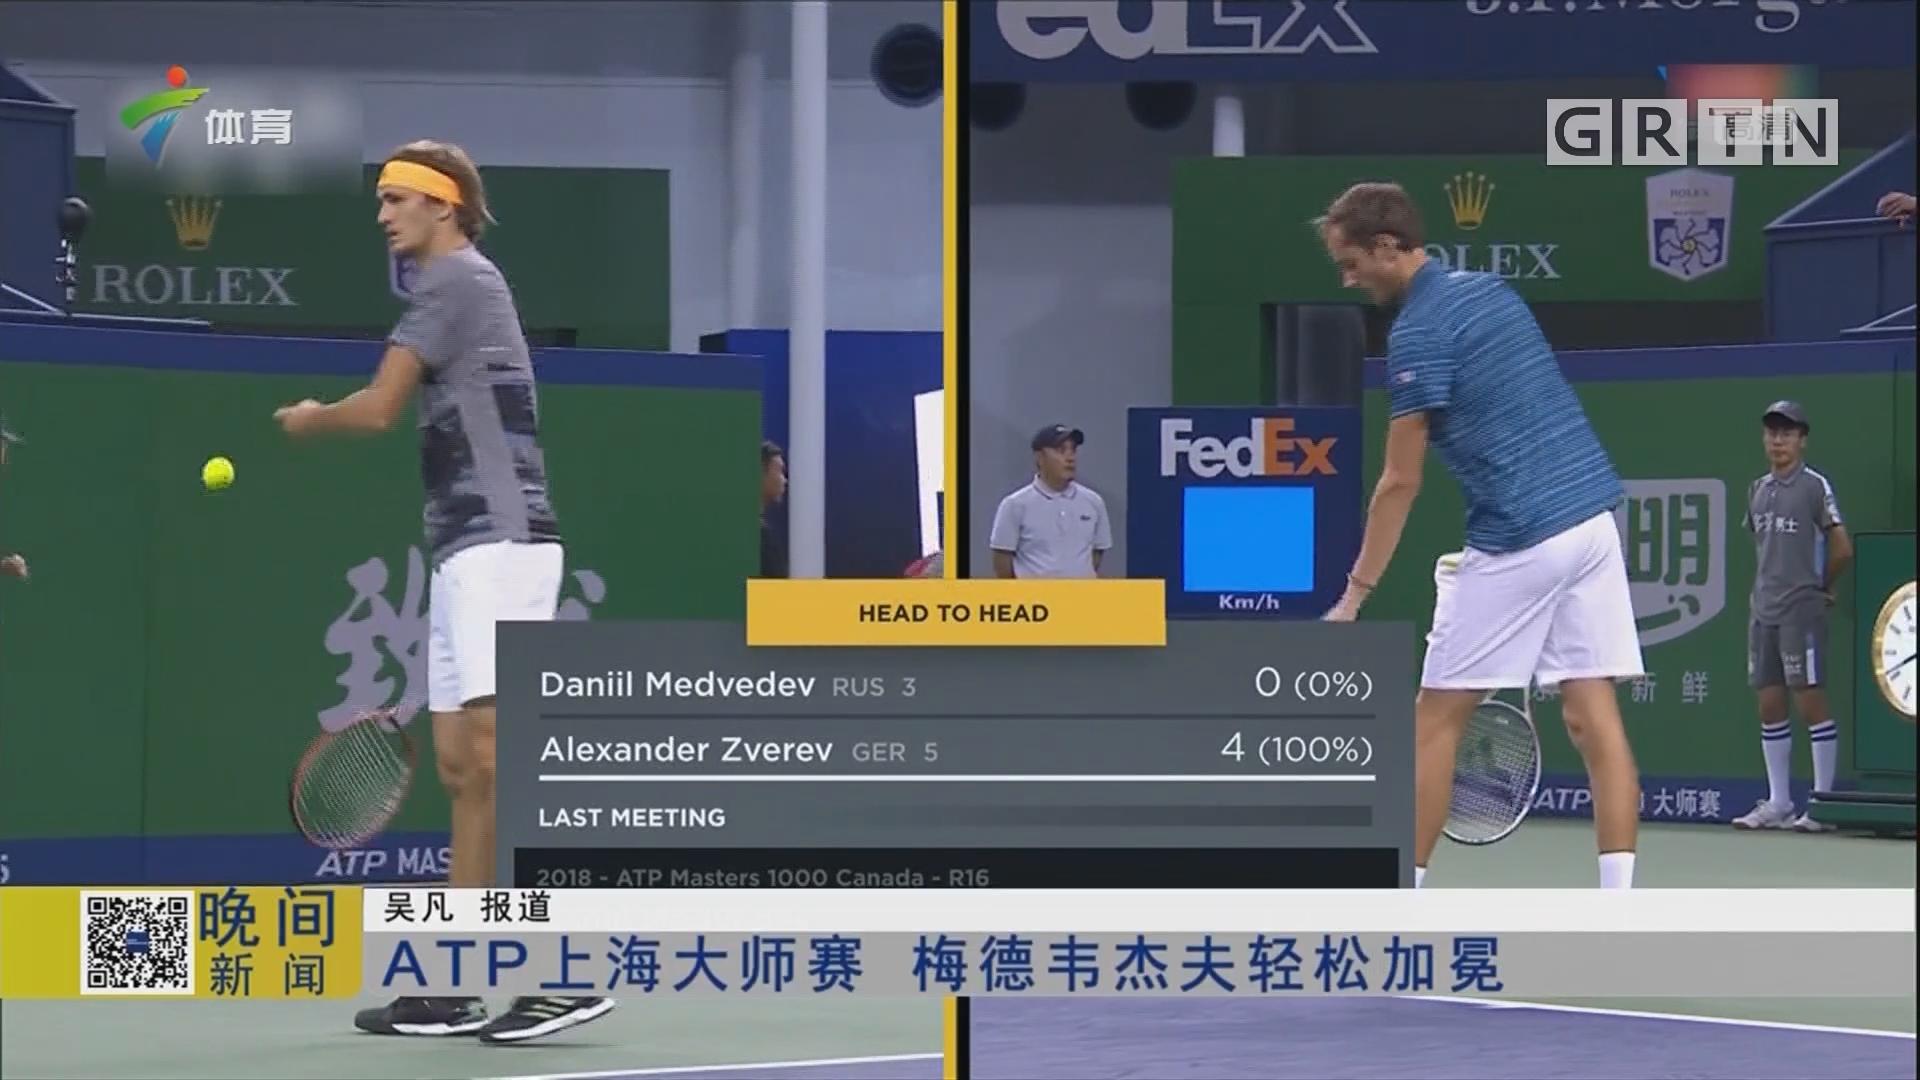 ATP上海大師賽 梅德韋杰夫輕松加冕